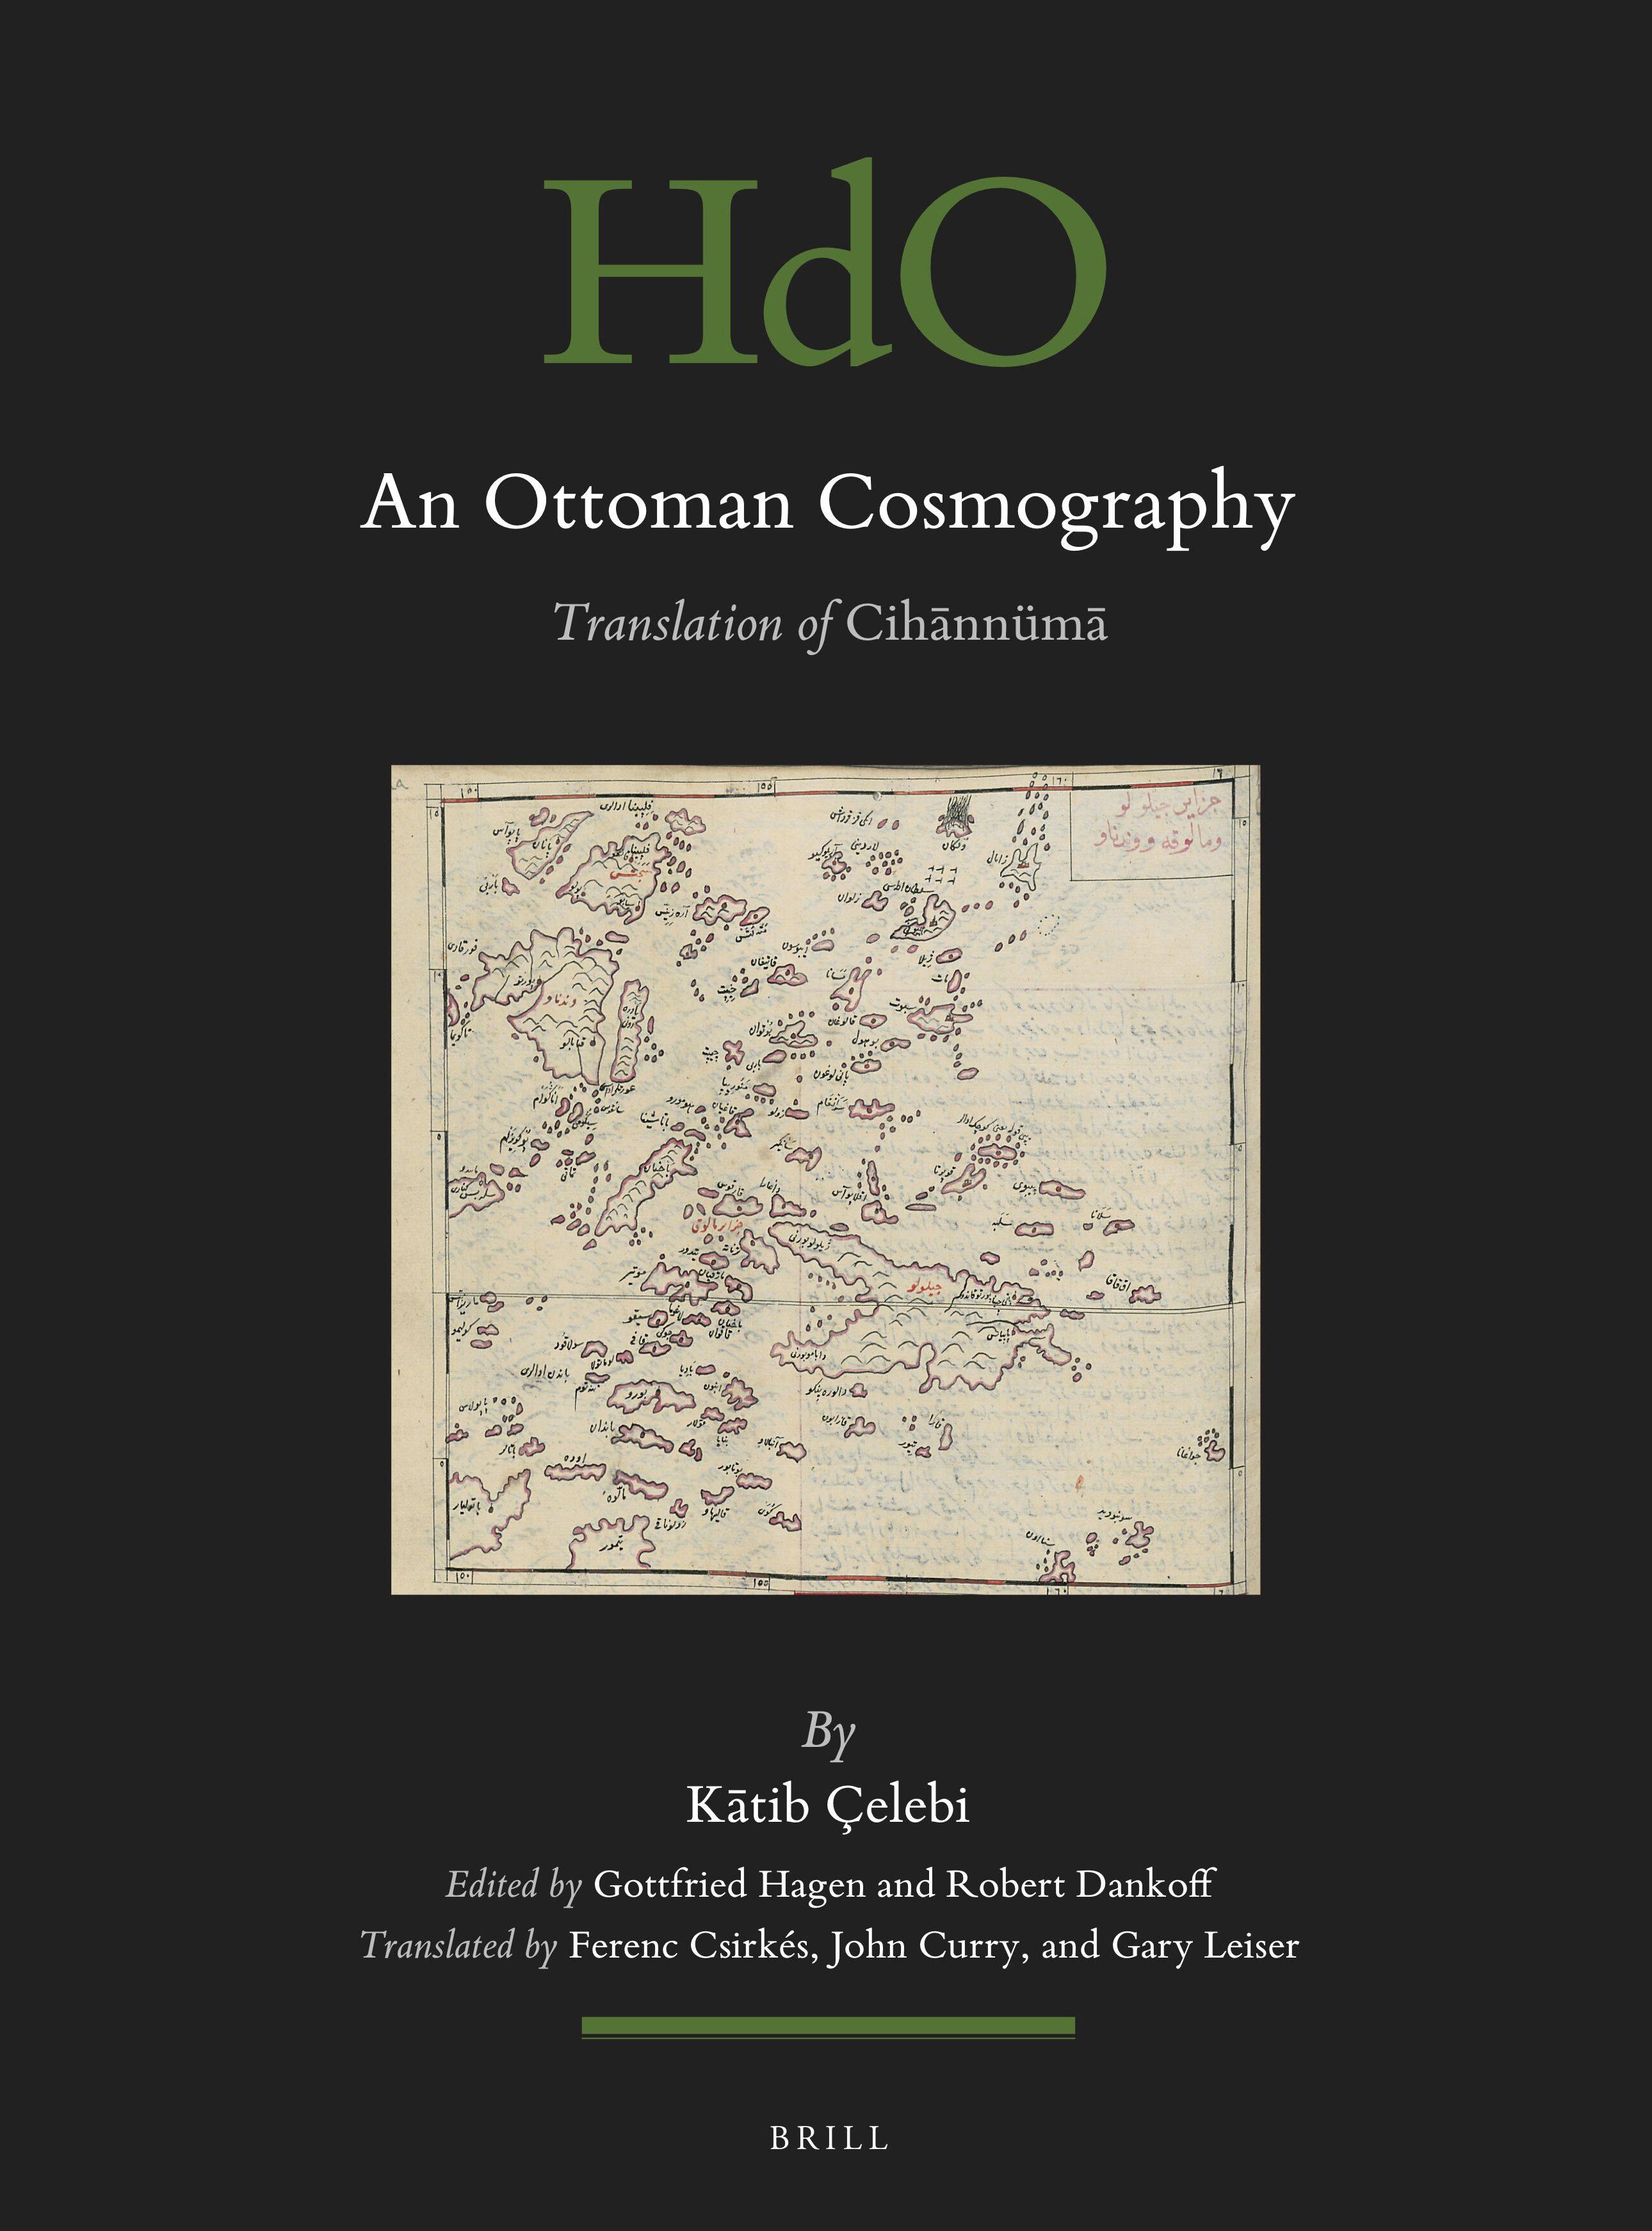 Part 20, by Ebū Bekr b. Behrām ed Dimaşḳī in An Ottoman Cosmography